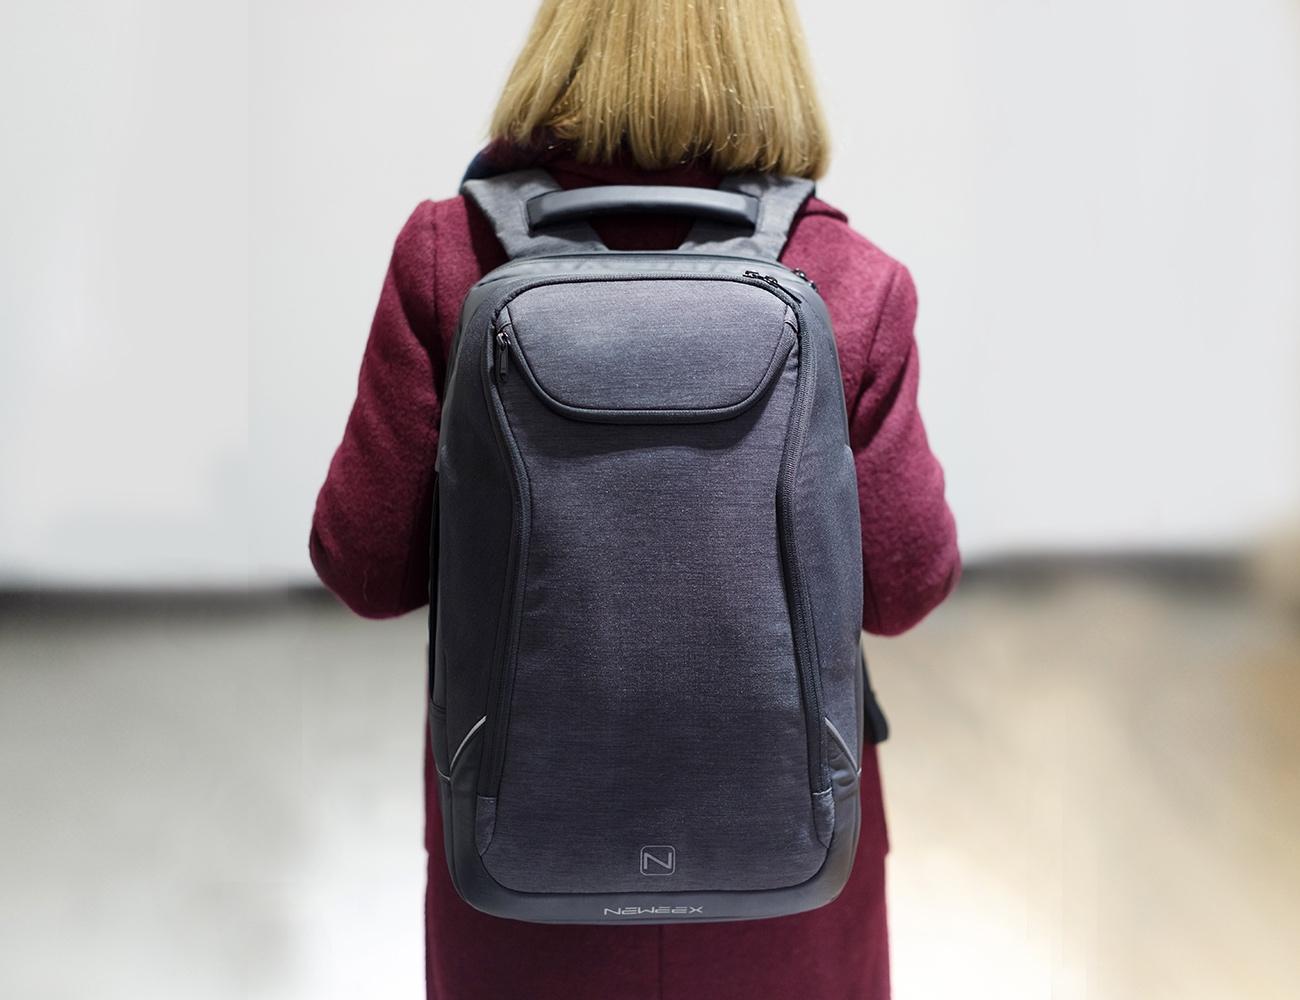 Neweex Multifunctional Compact Backpack